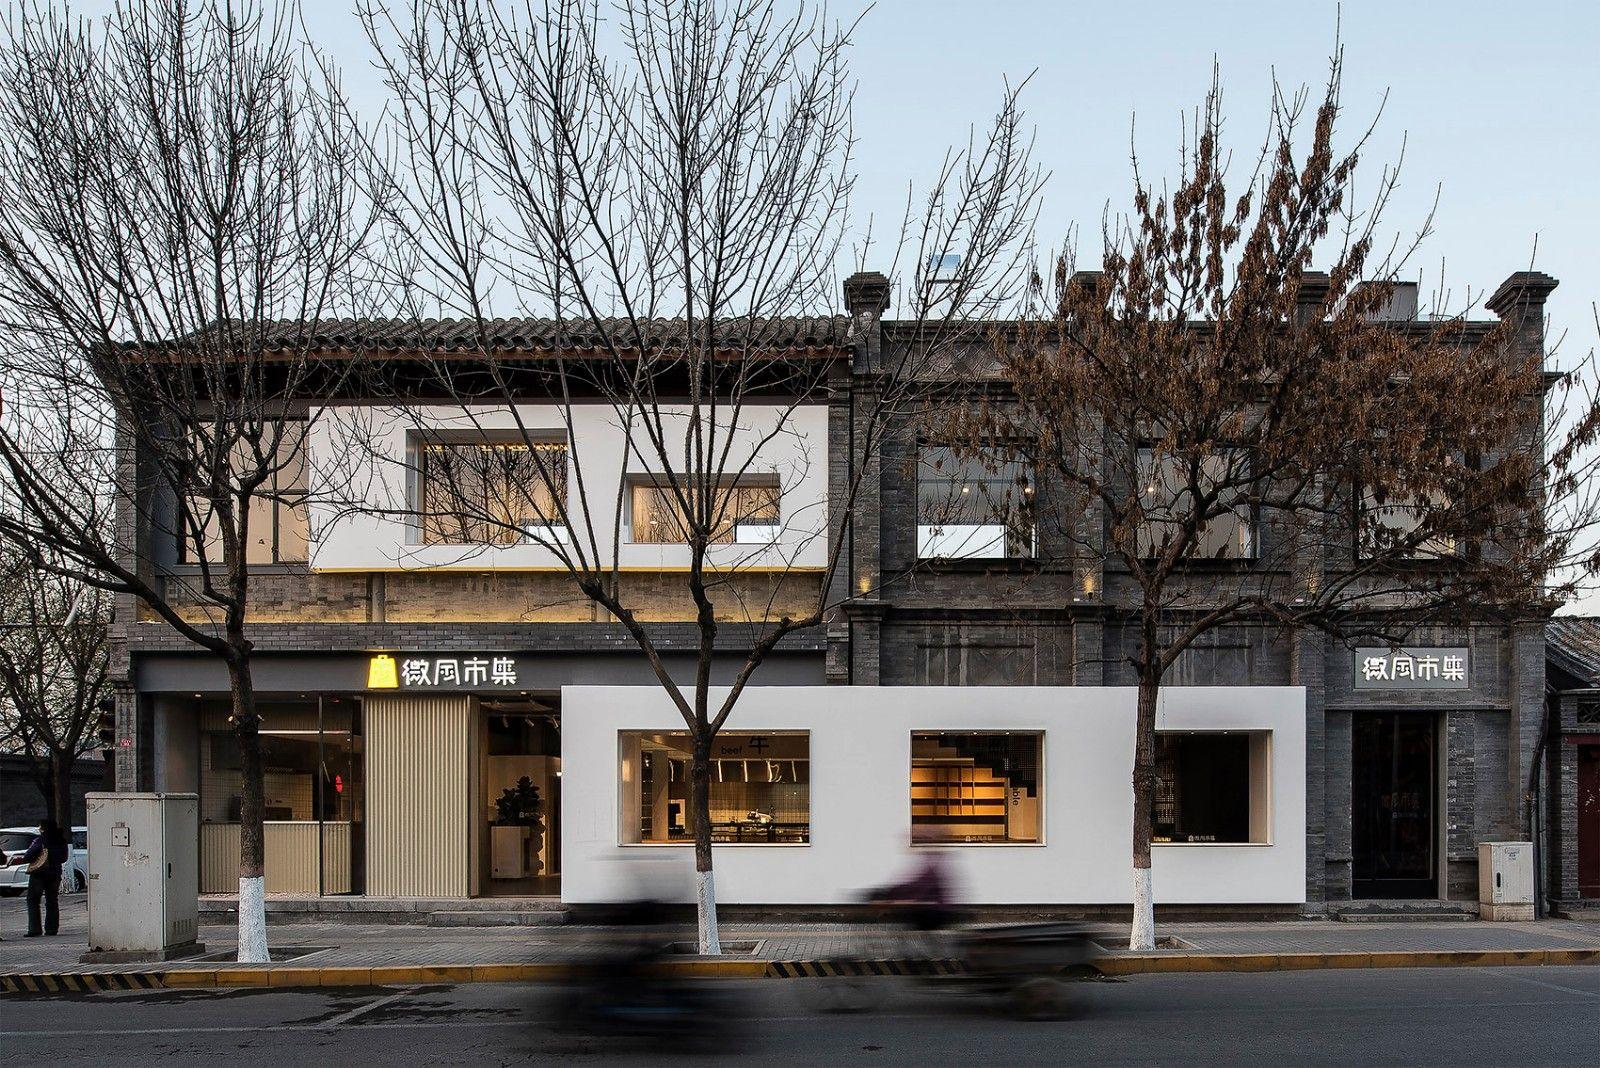 前门老街区的一部清亮短篇,北京微风市集 | 未来以北工作室